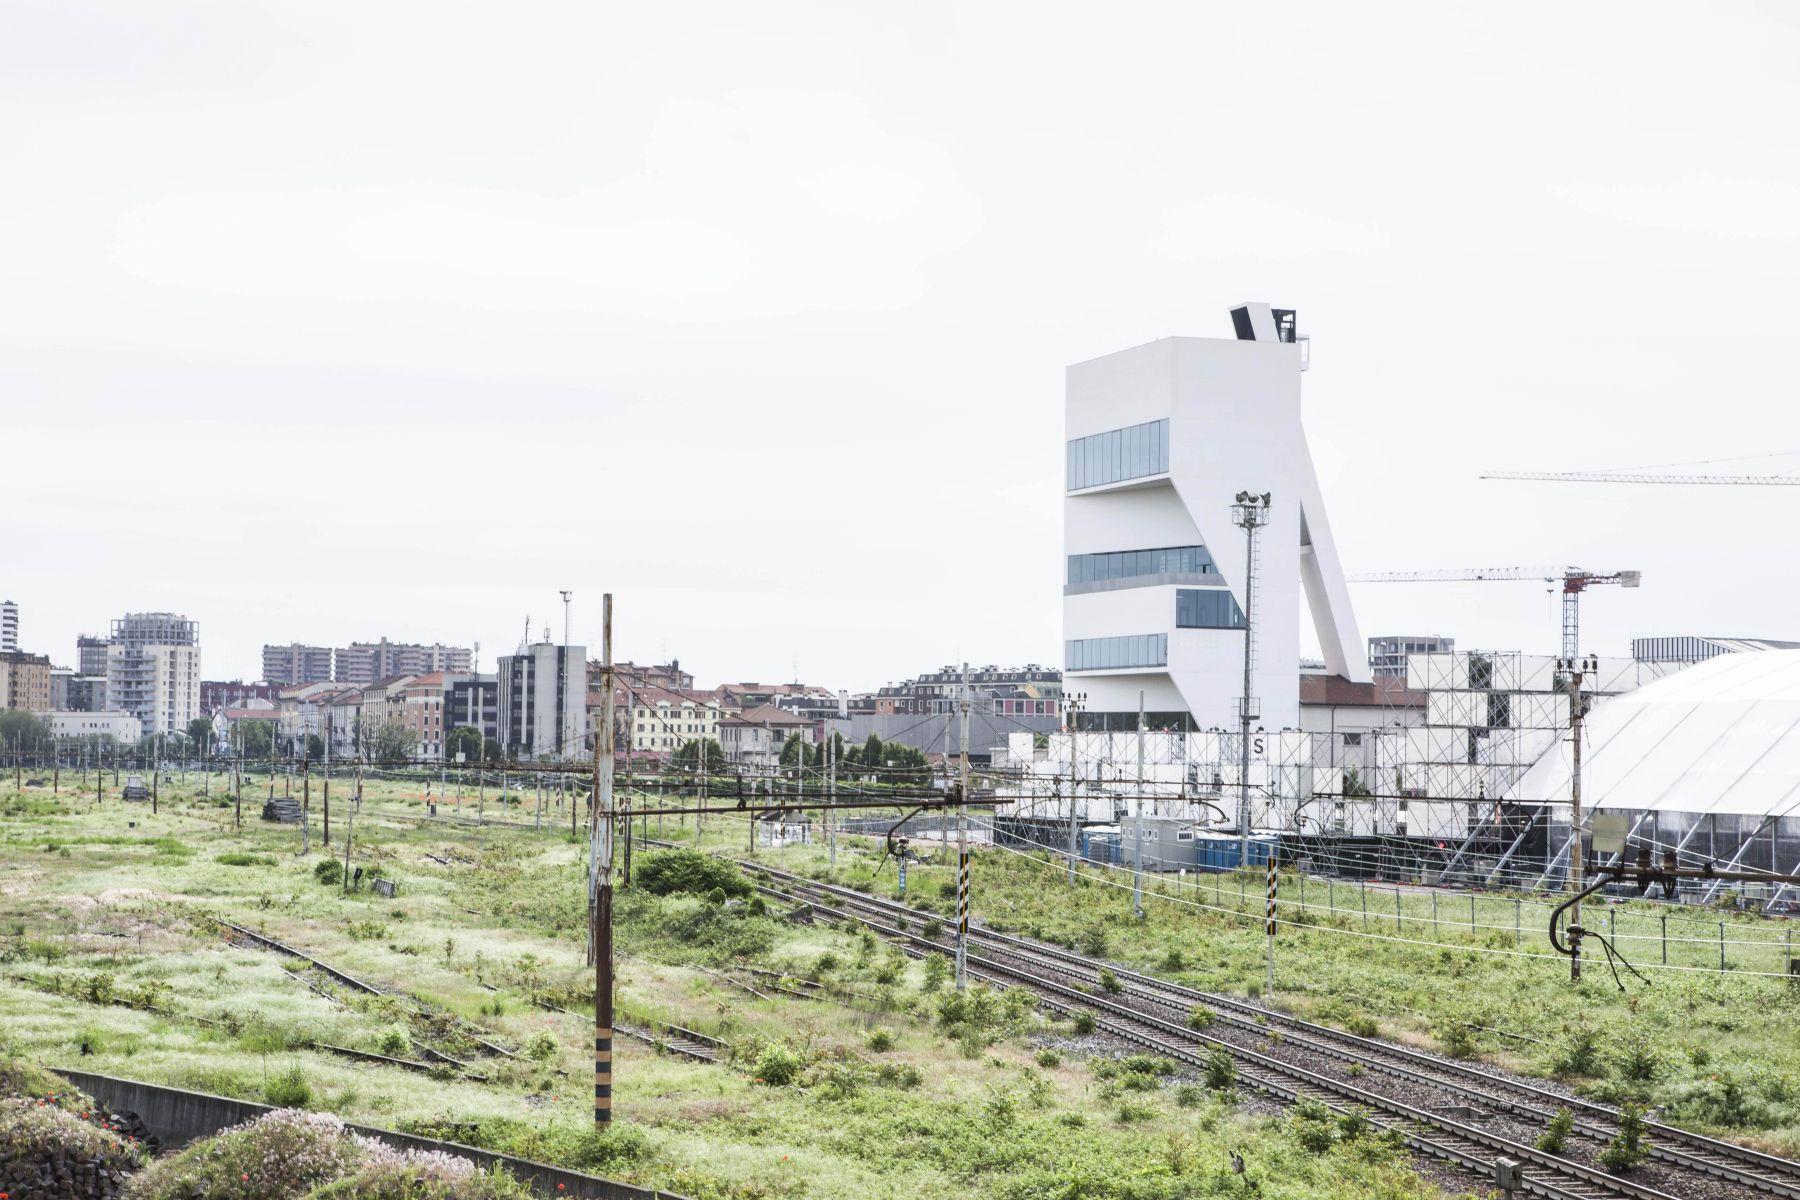 La riqualificazione degli scali ferroviari di Milano è stata approvata